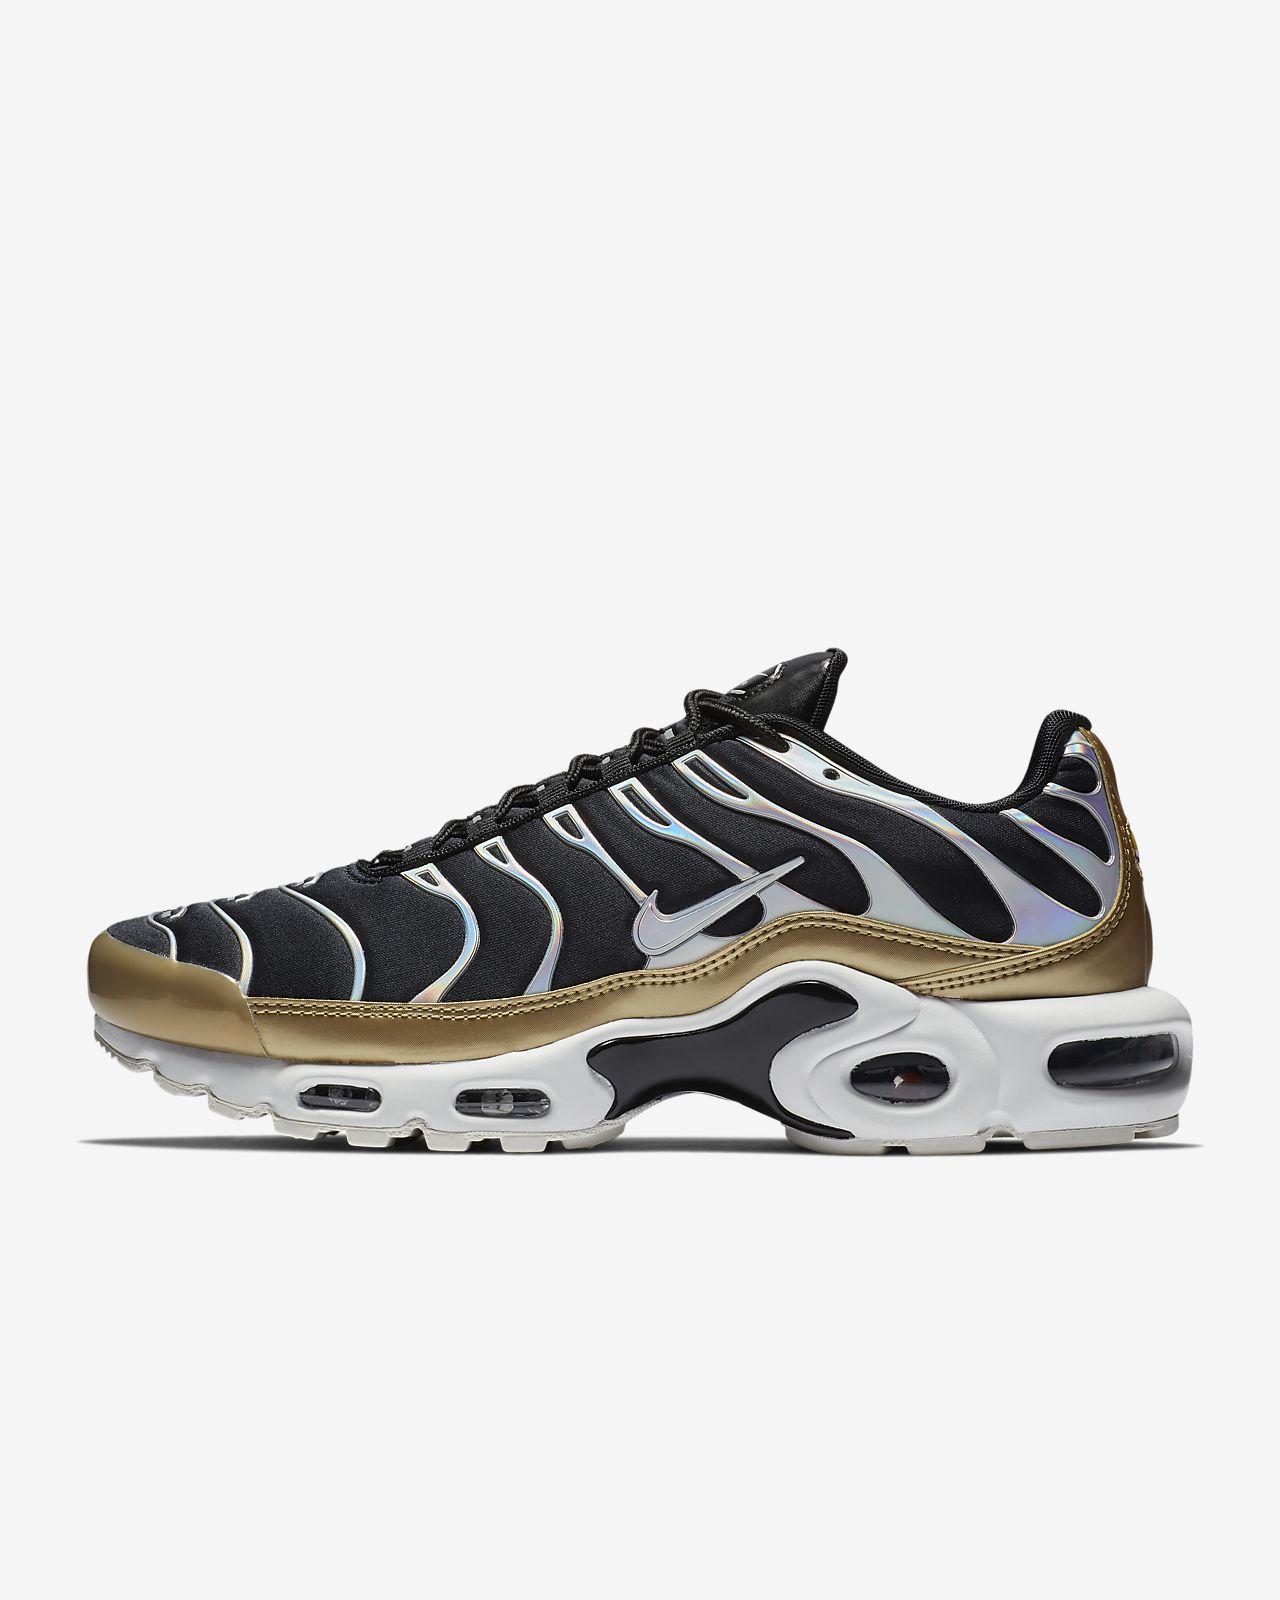 finest selection 8540f 82a99 ... usa nike air max plus metallic sko til kvinder e8e75 9dcb6